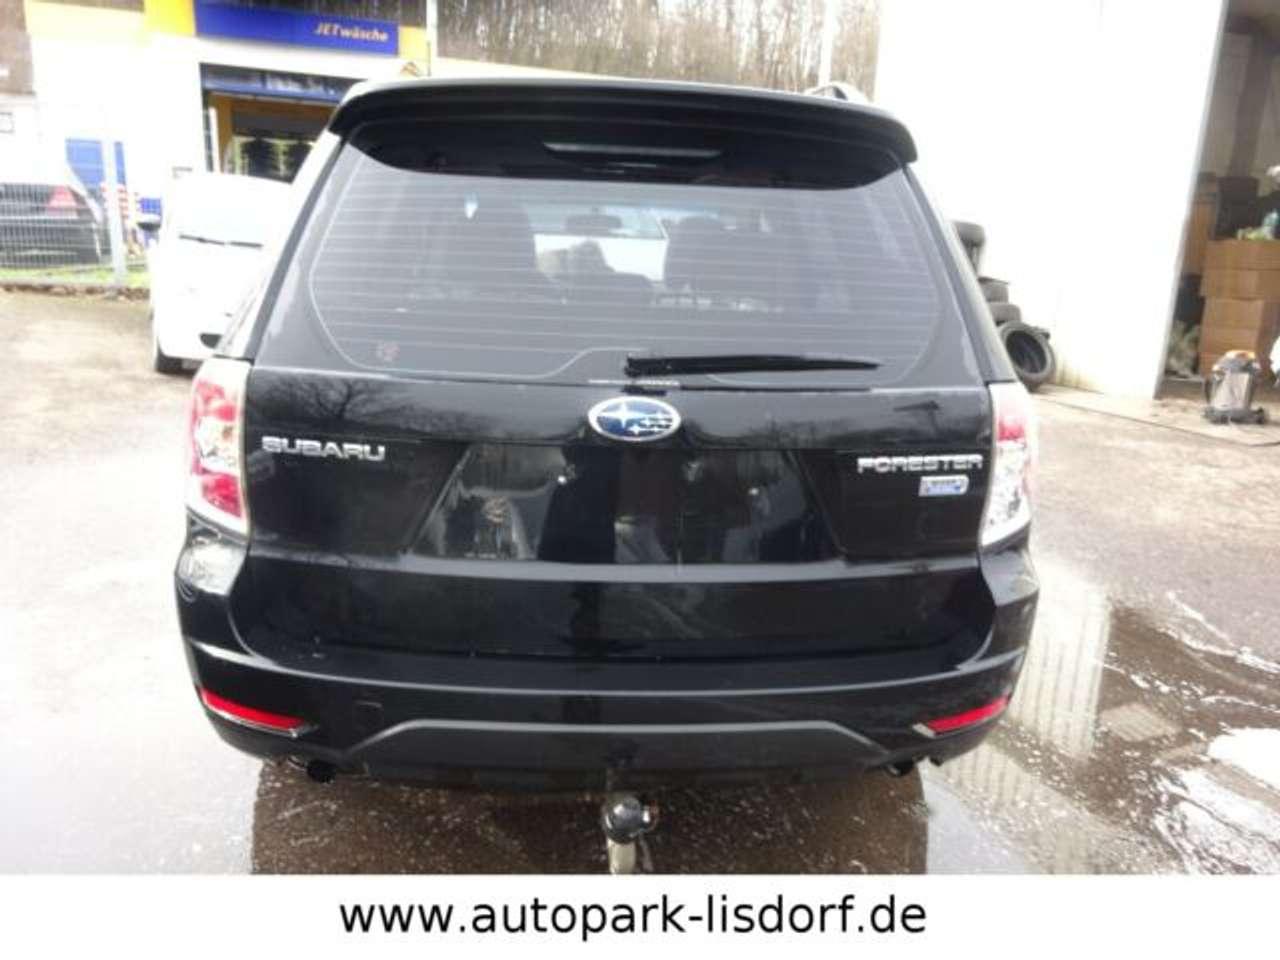 Autos nach Subaru Forester